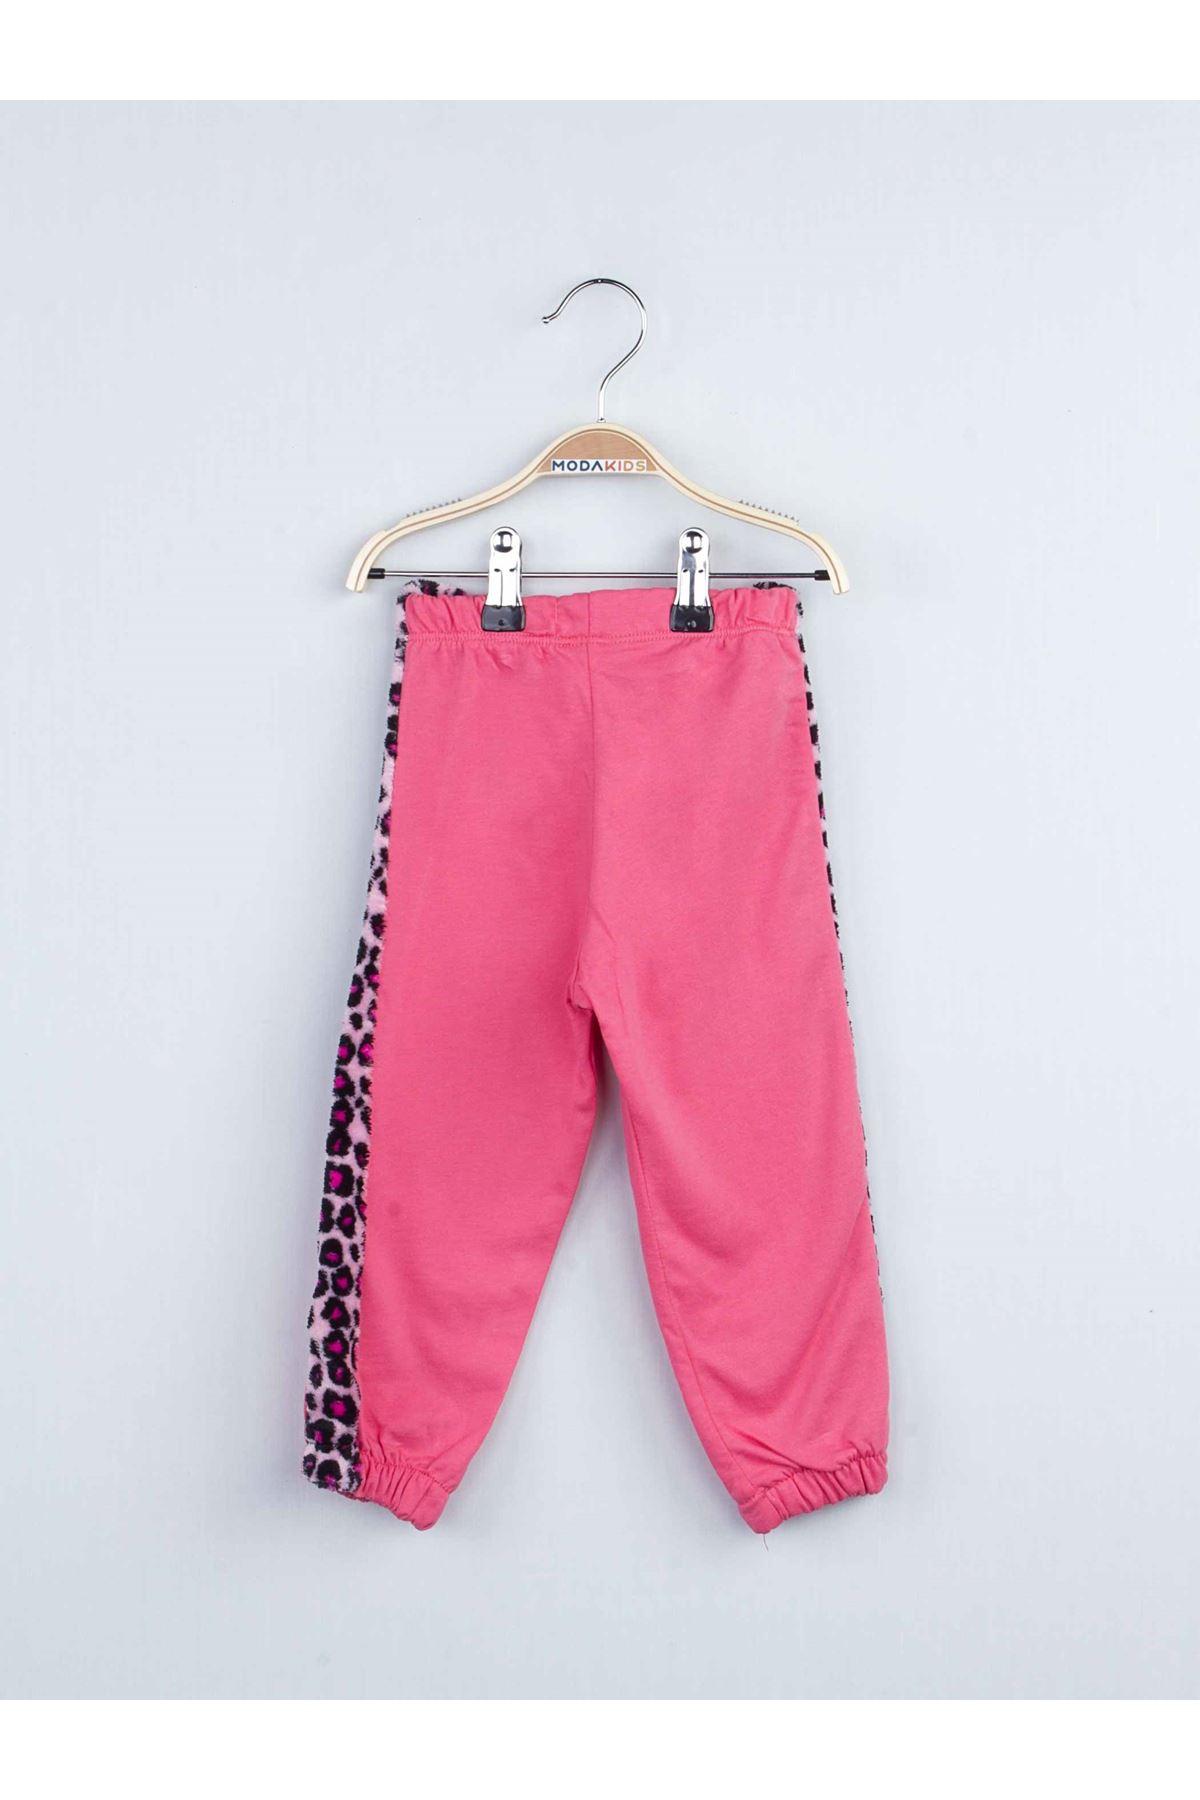 Pink Girls Girls Track suit Set Bottom Pajamas Top Pajamas Kids Daily Wear Homewear Cotton Comfortable Children Pajamas Sets